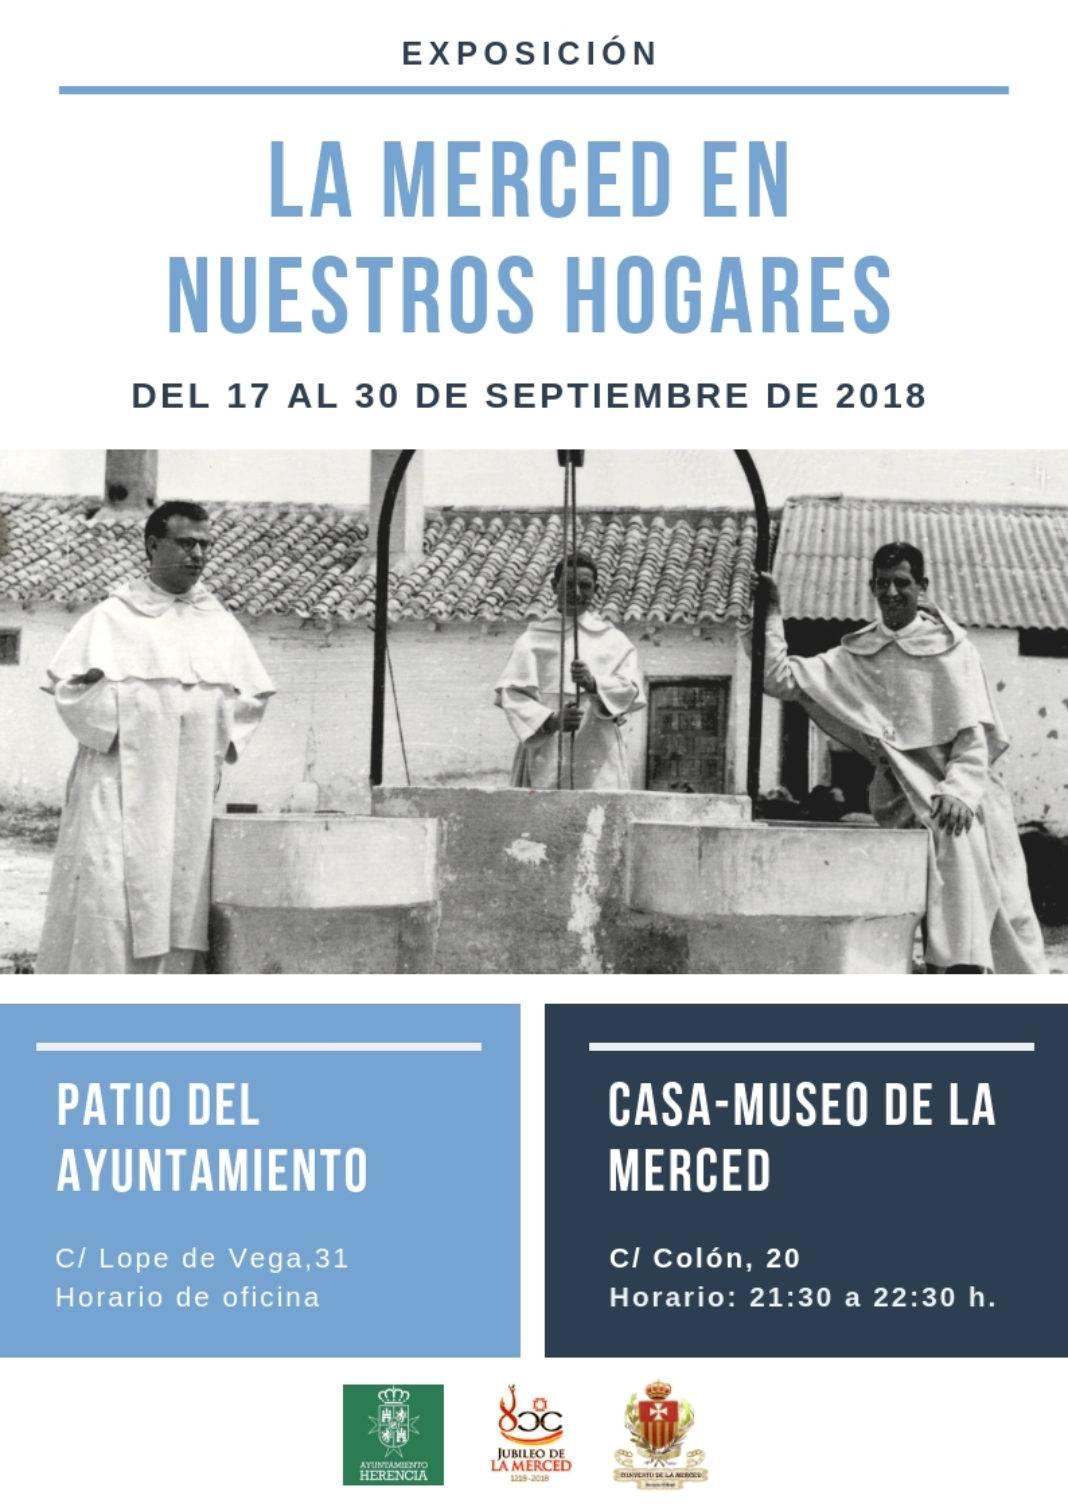 Exposición mercenaria 1068x1511 - Exposición La Merced en nuestros hogares